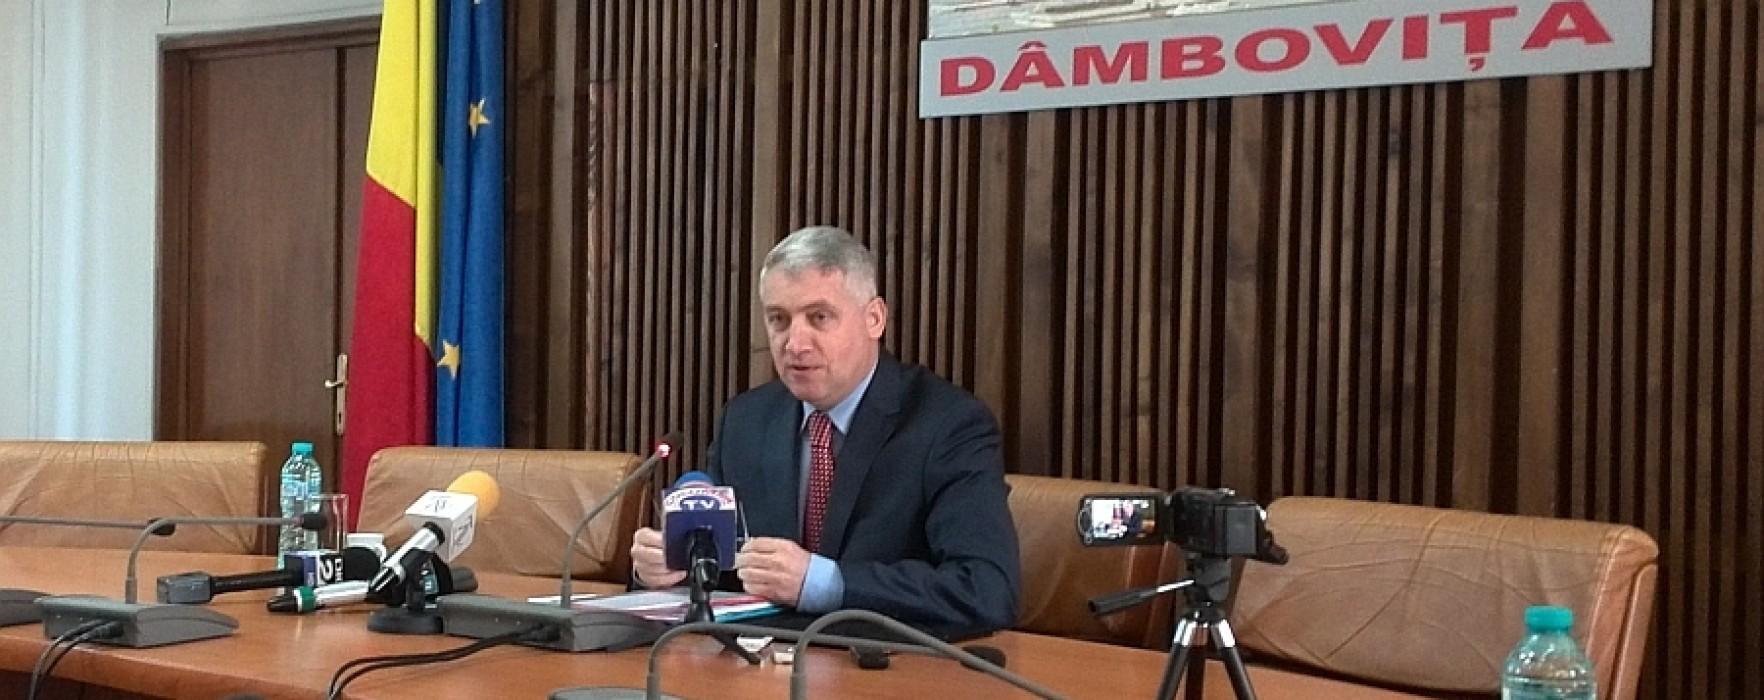 Adrian Ţuţuianu: Consilierii PSD nu vor participa la şedinţa CJ Dâmboviţa convocată de PNL